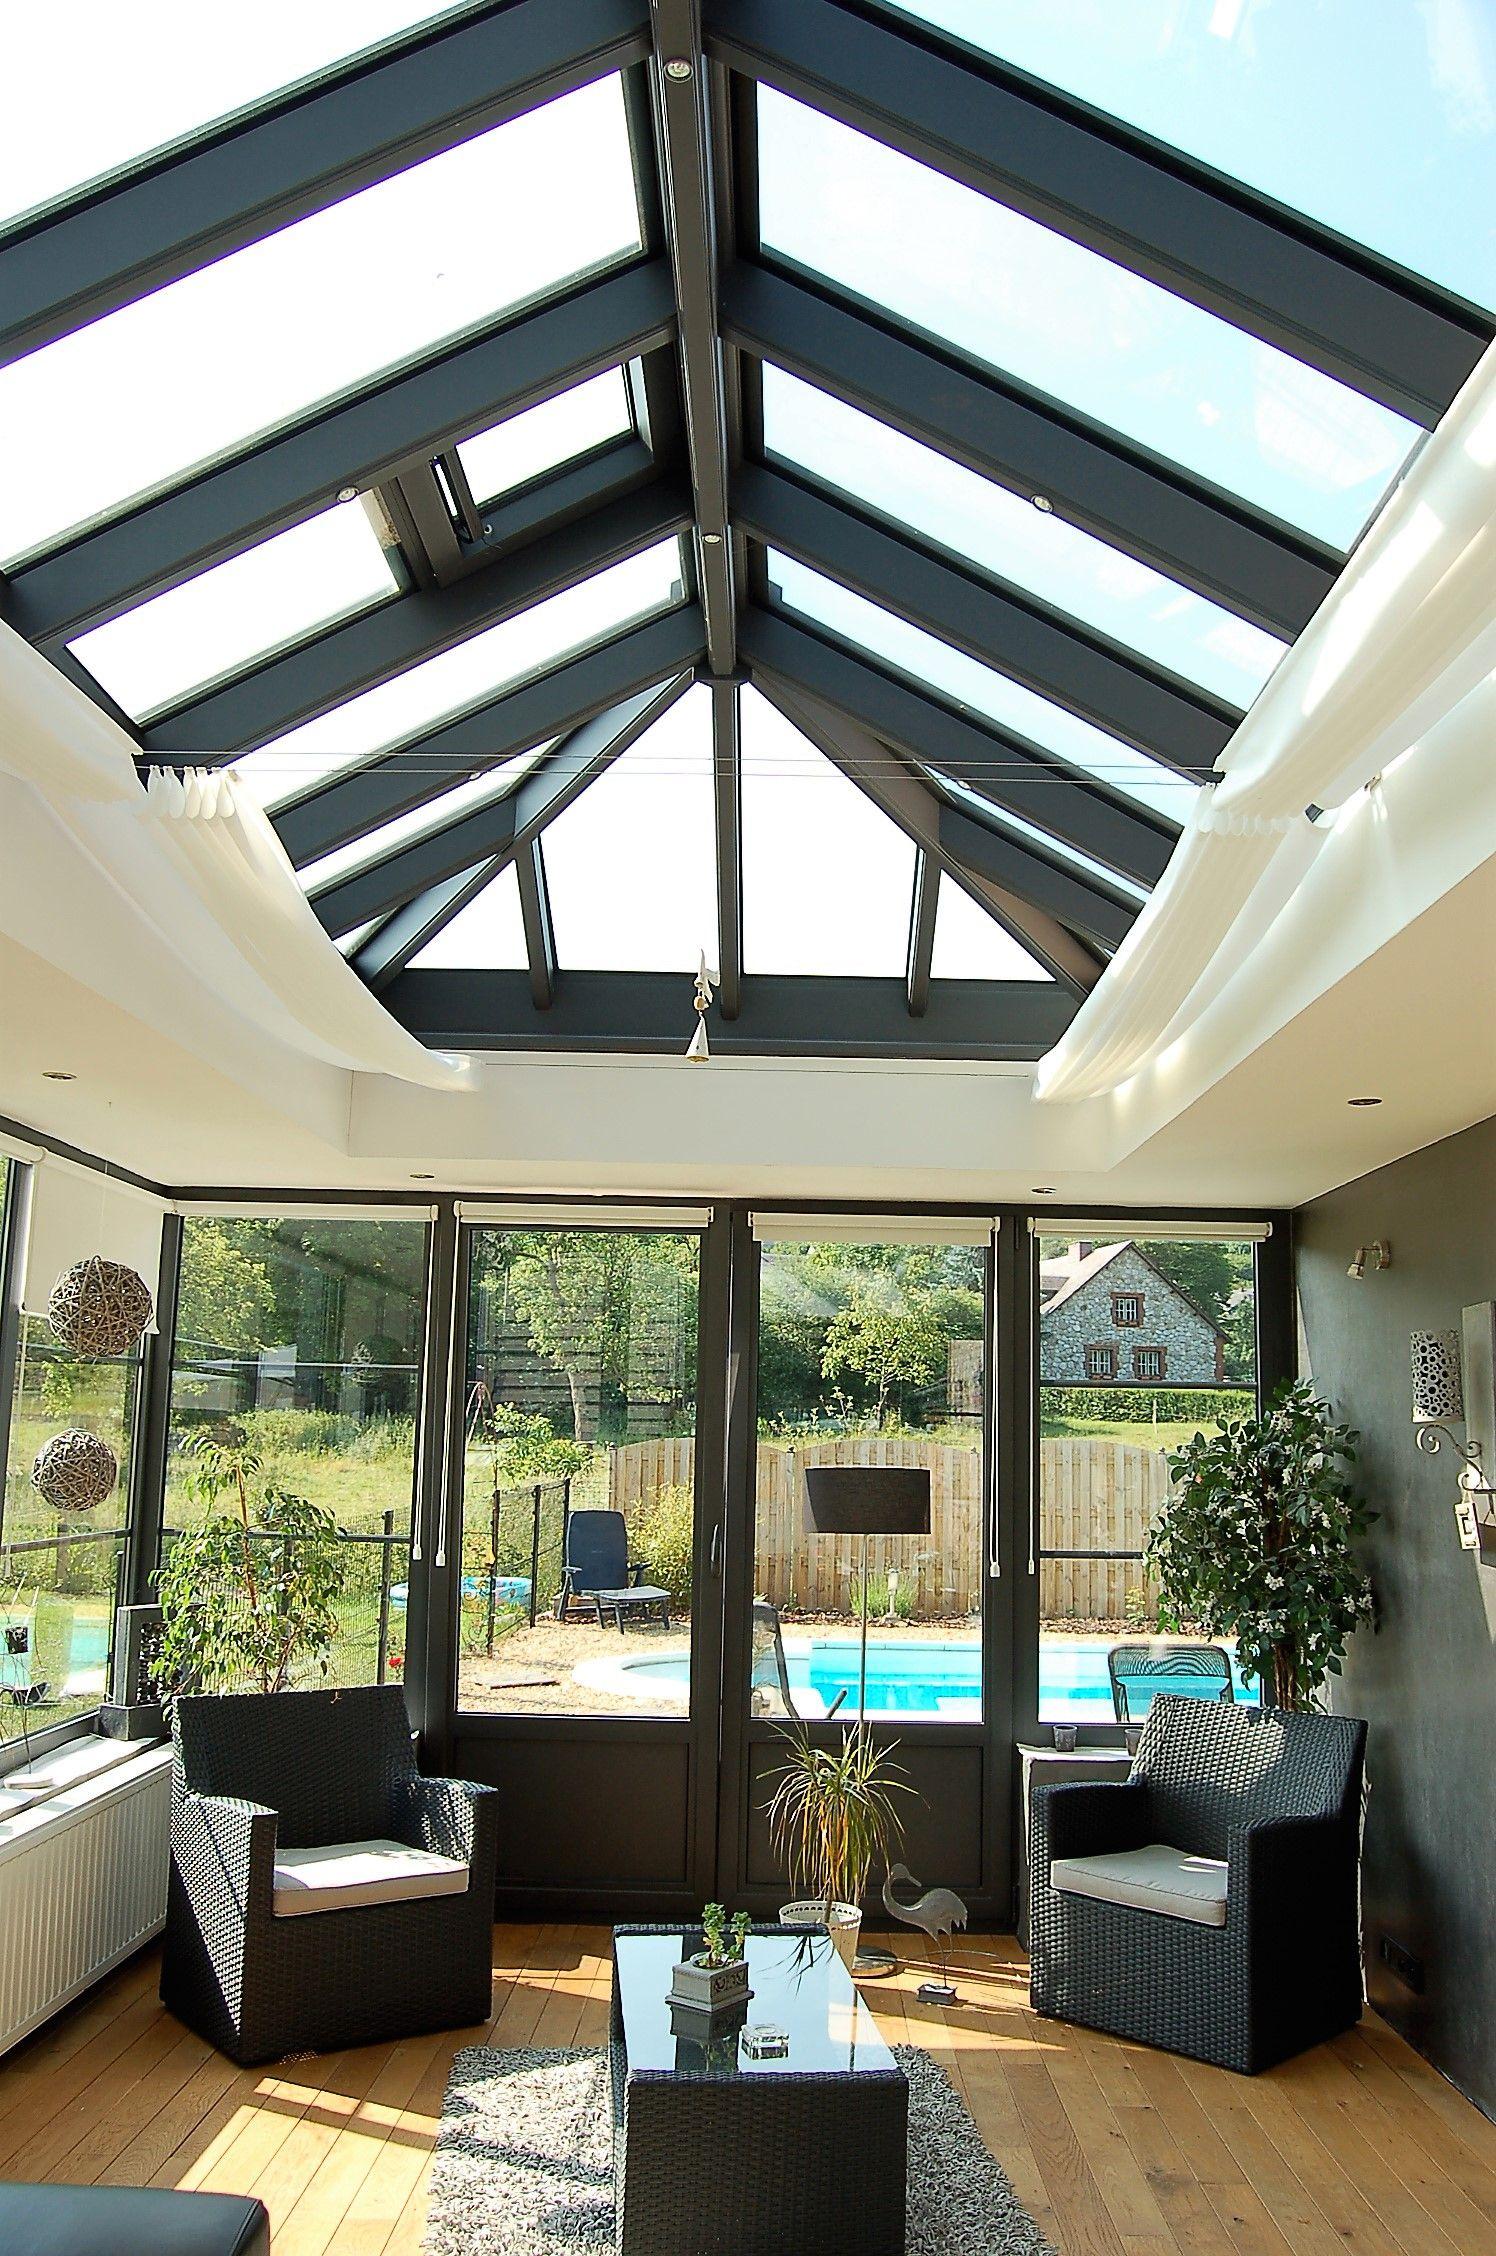 Luminaire Pour Veranda. suspension luminaire veranda. luminaire int rieur veranda. clairage int ...